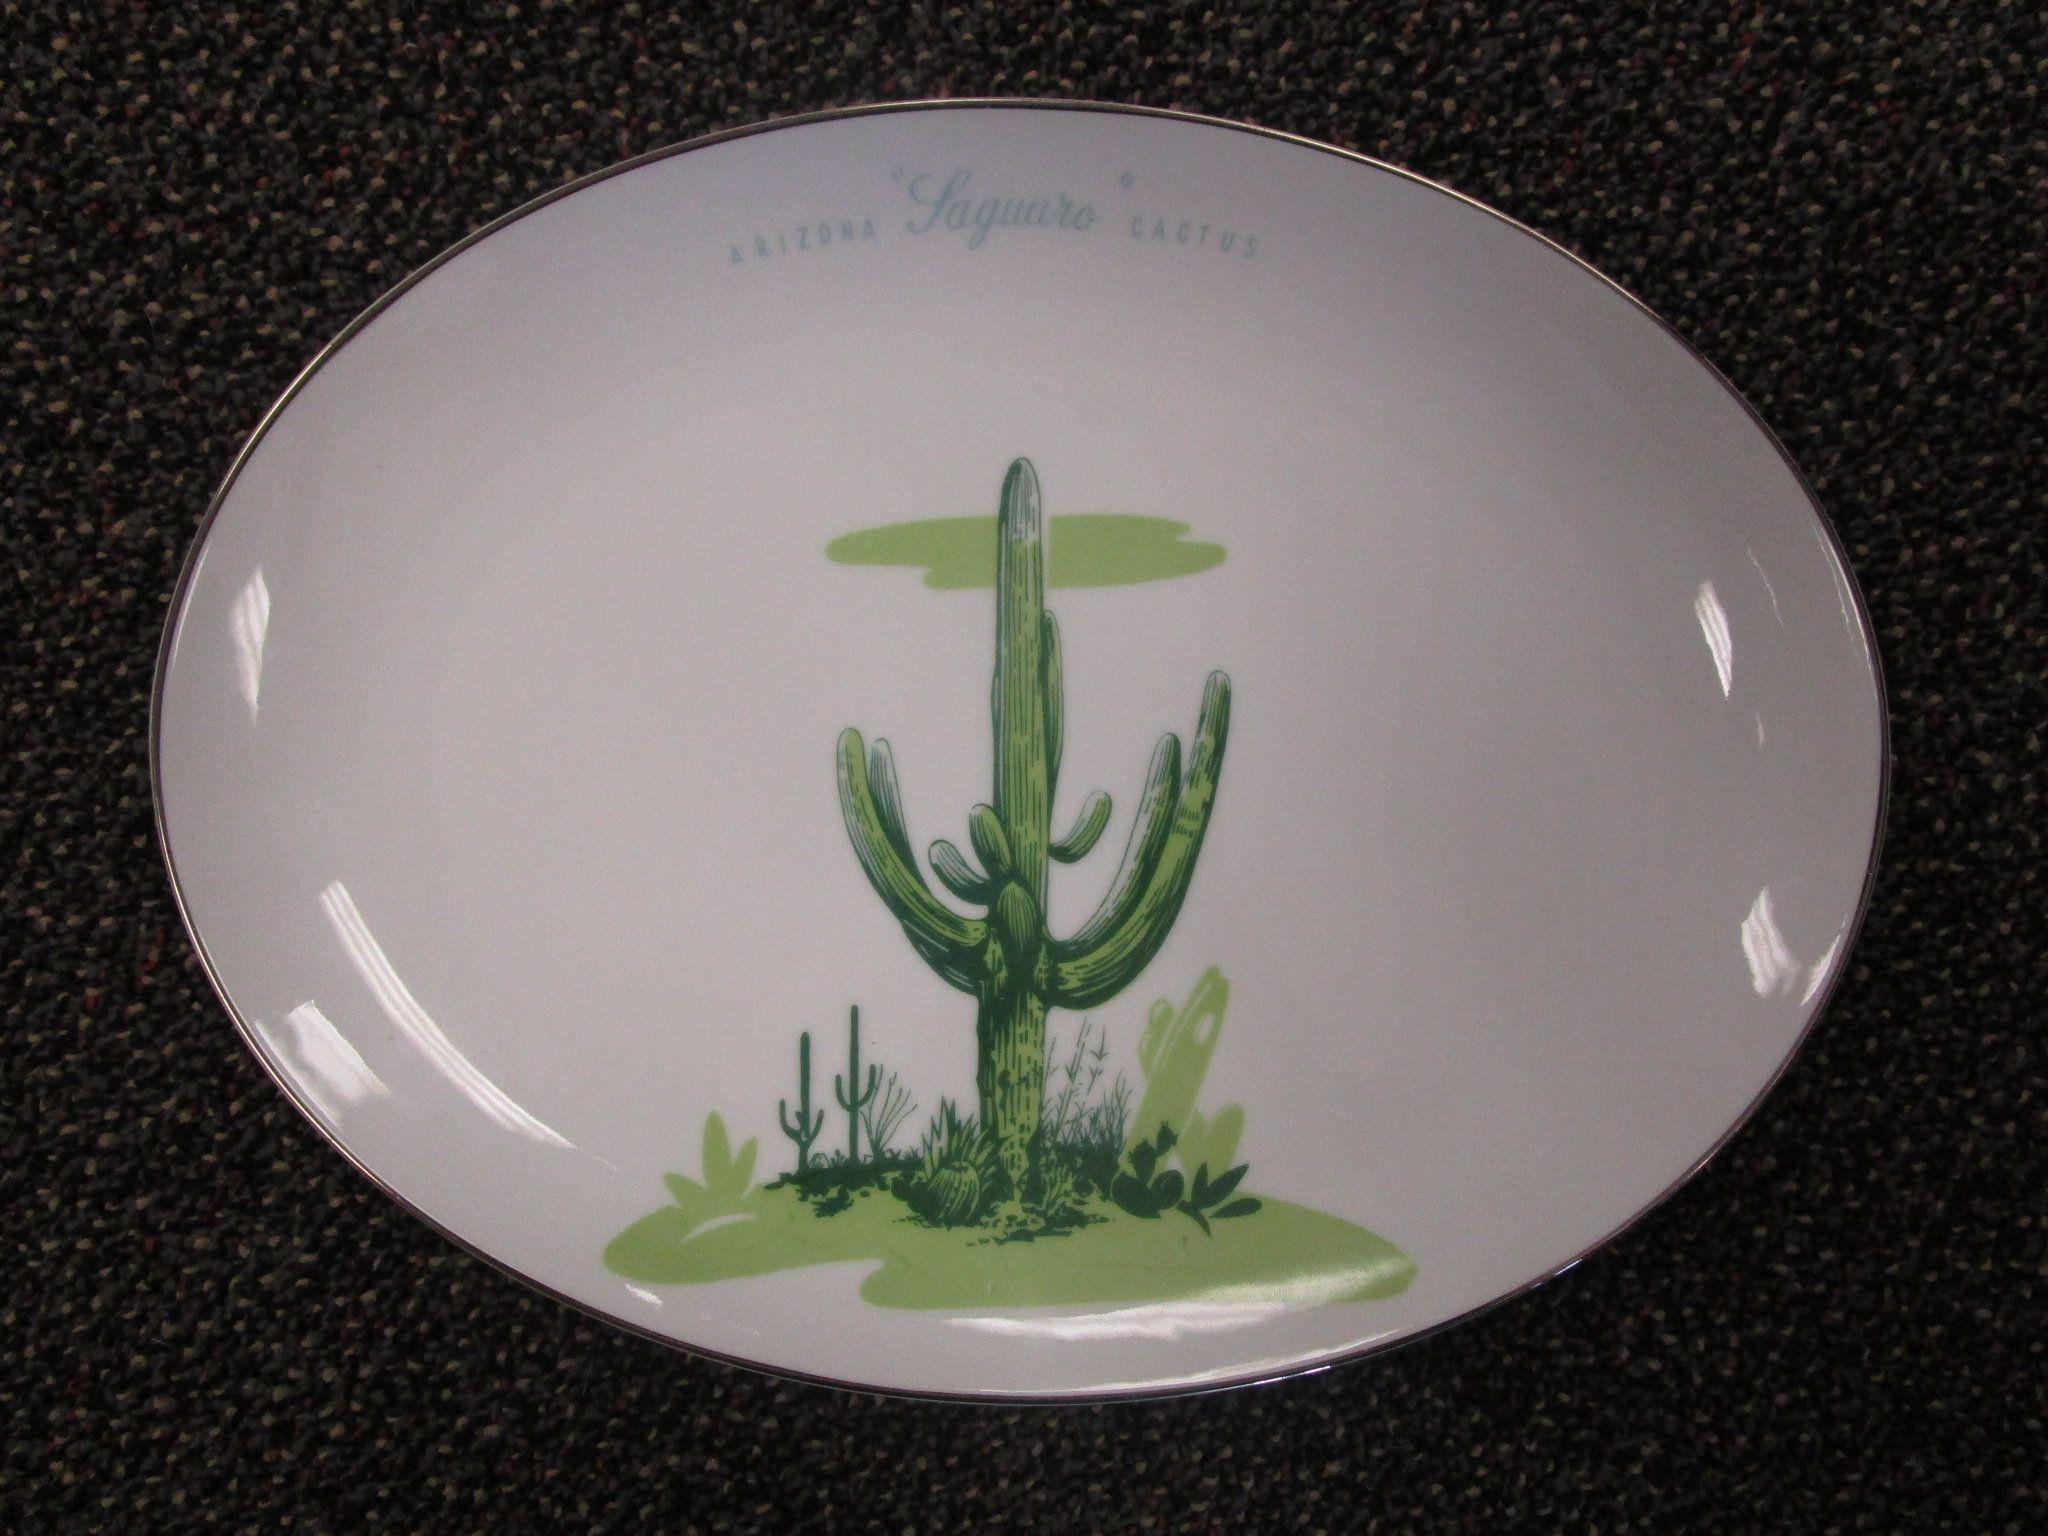 Vintage Blakely Arizona Cactus Serving Platter #arizonacactus